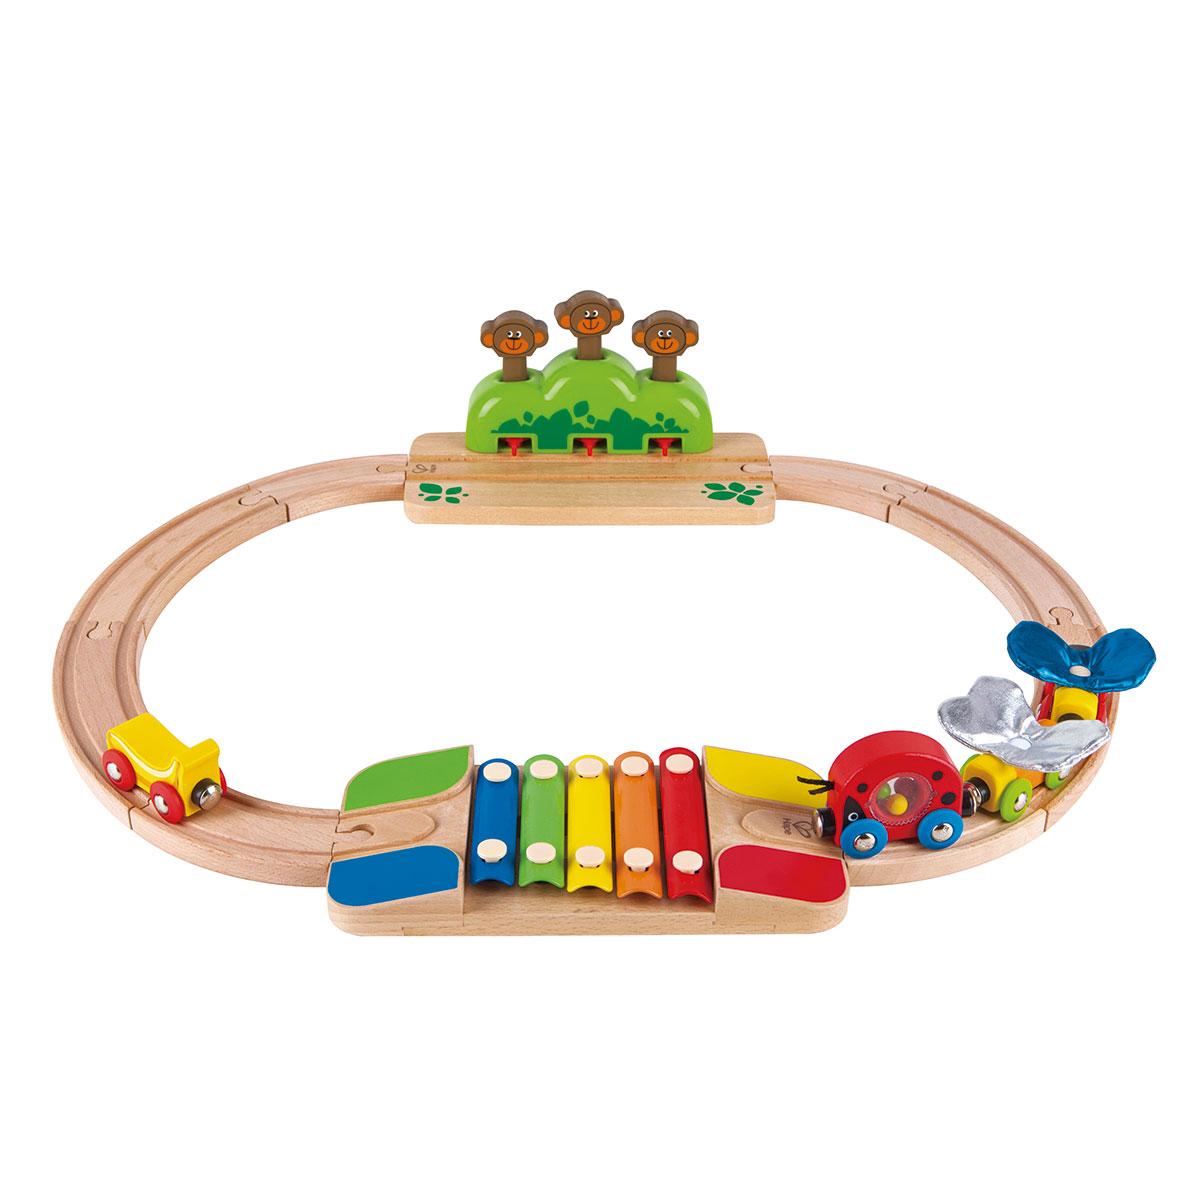 Image of   Hape togbane - My Little Railway Set